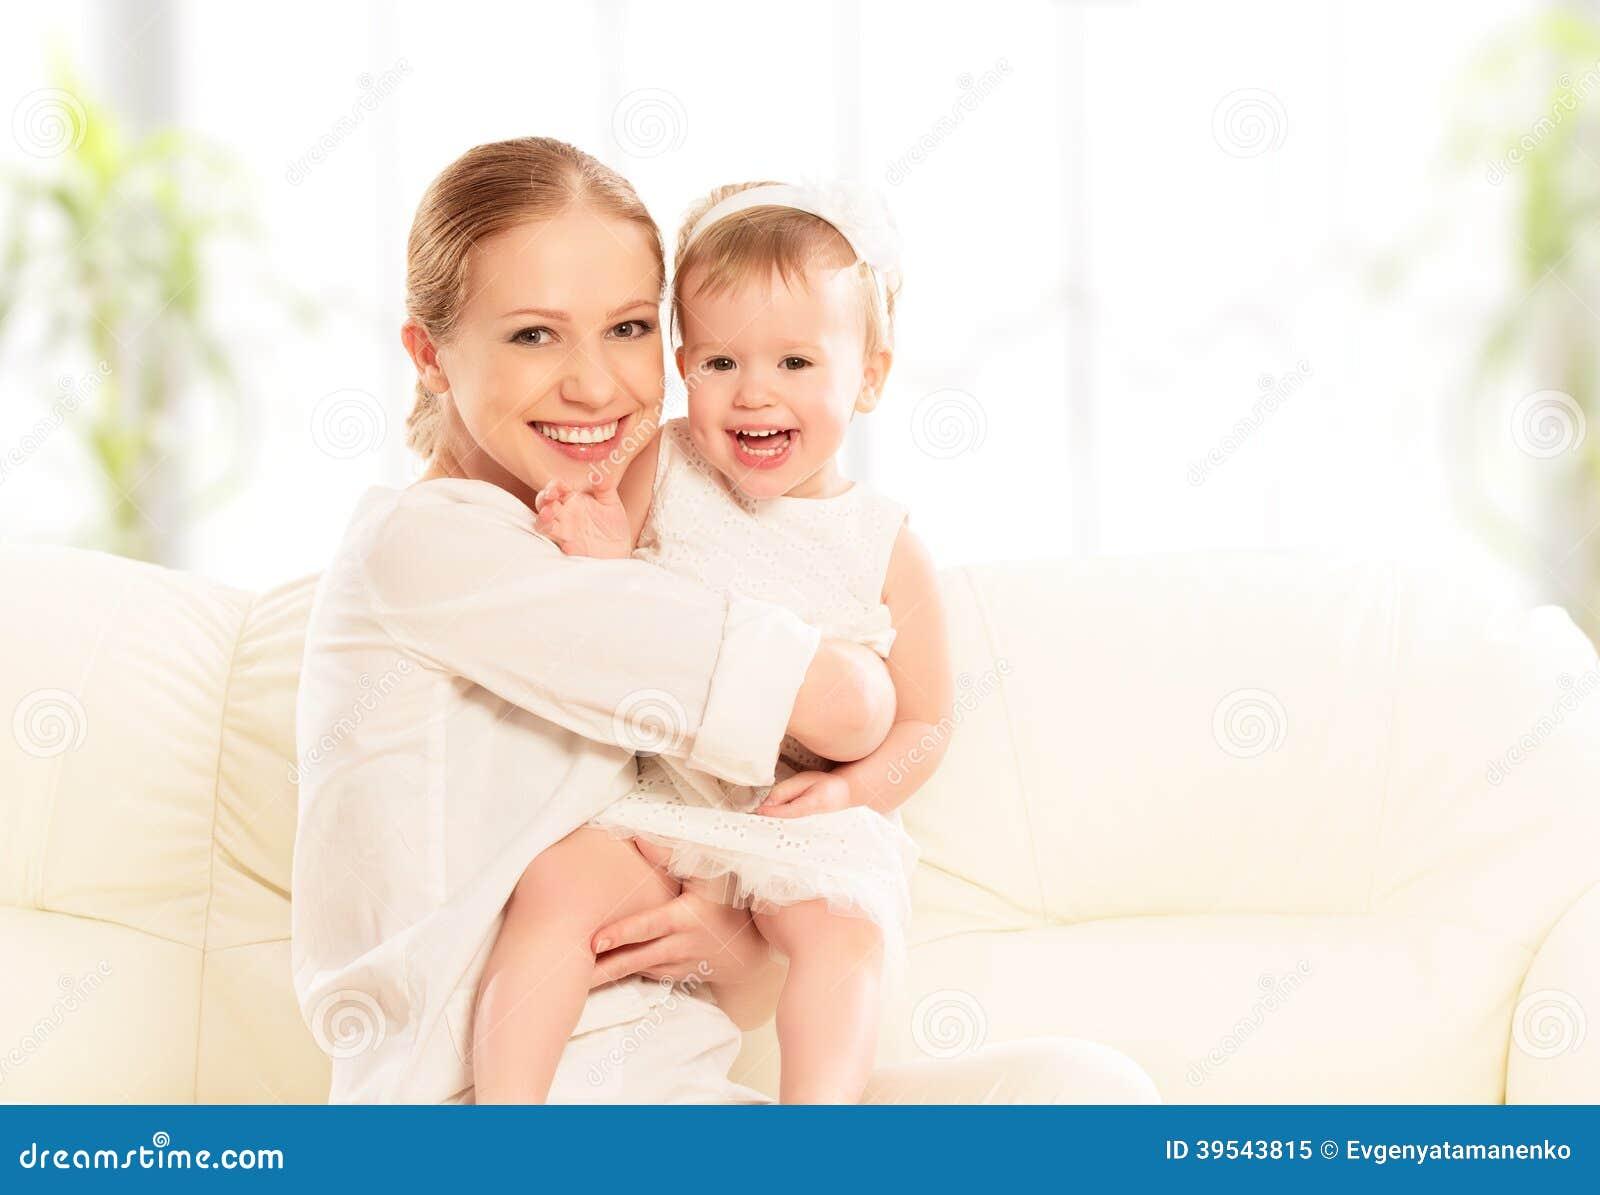 Família feliz. Jogos da filha da mãe e do bebê, aperto, beijando